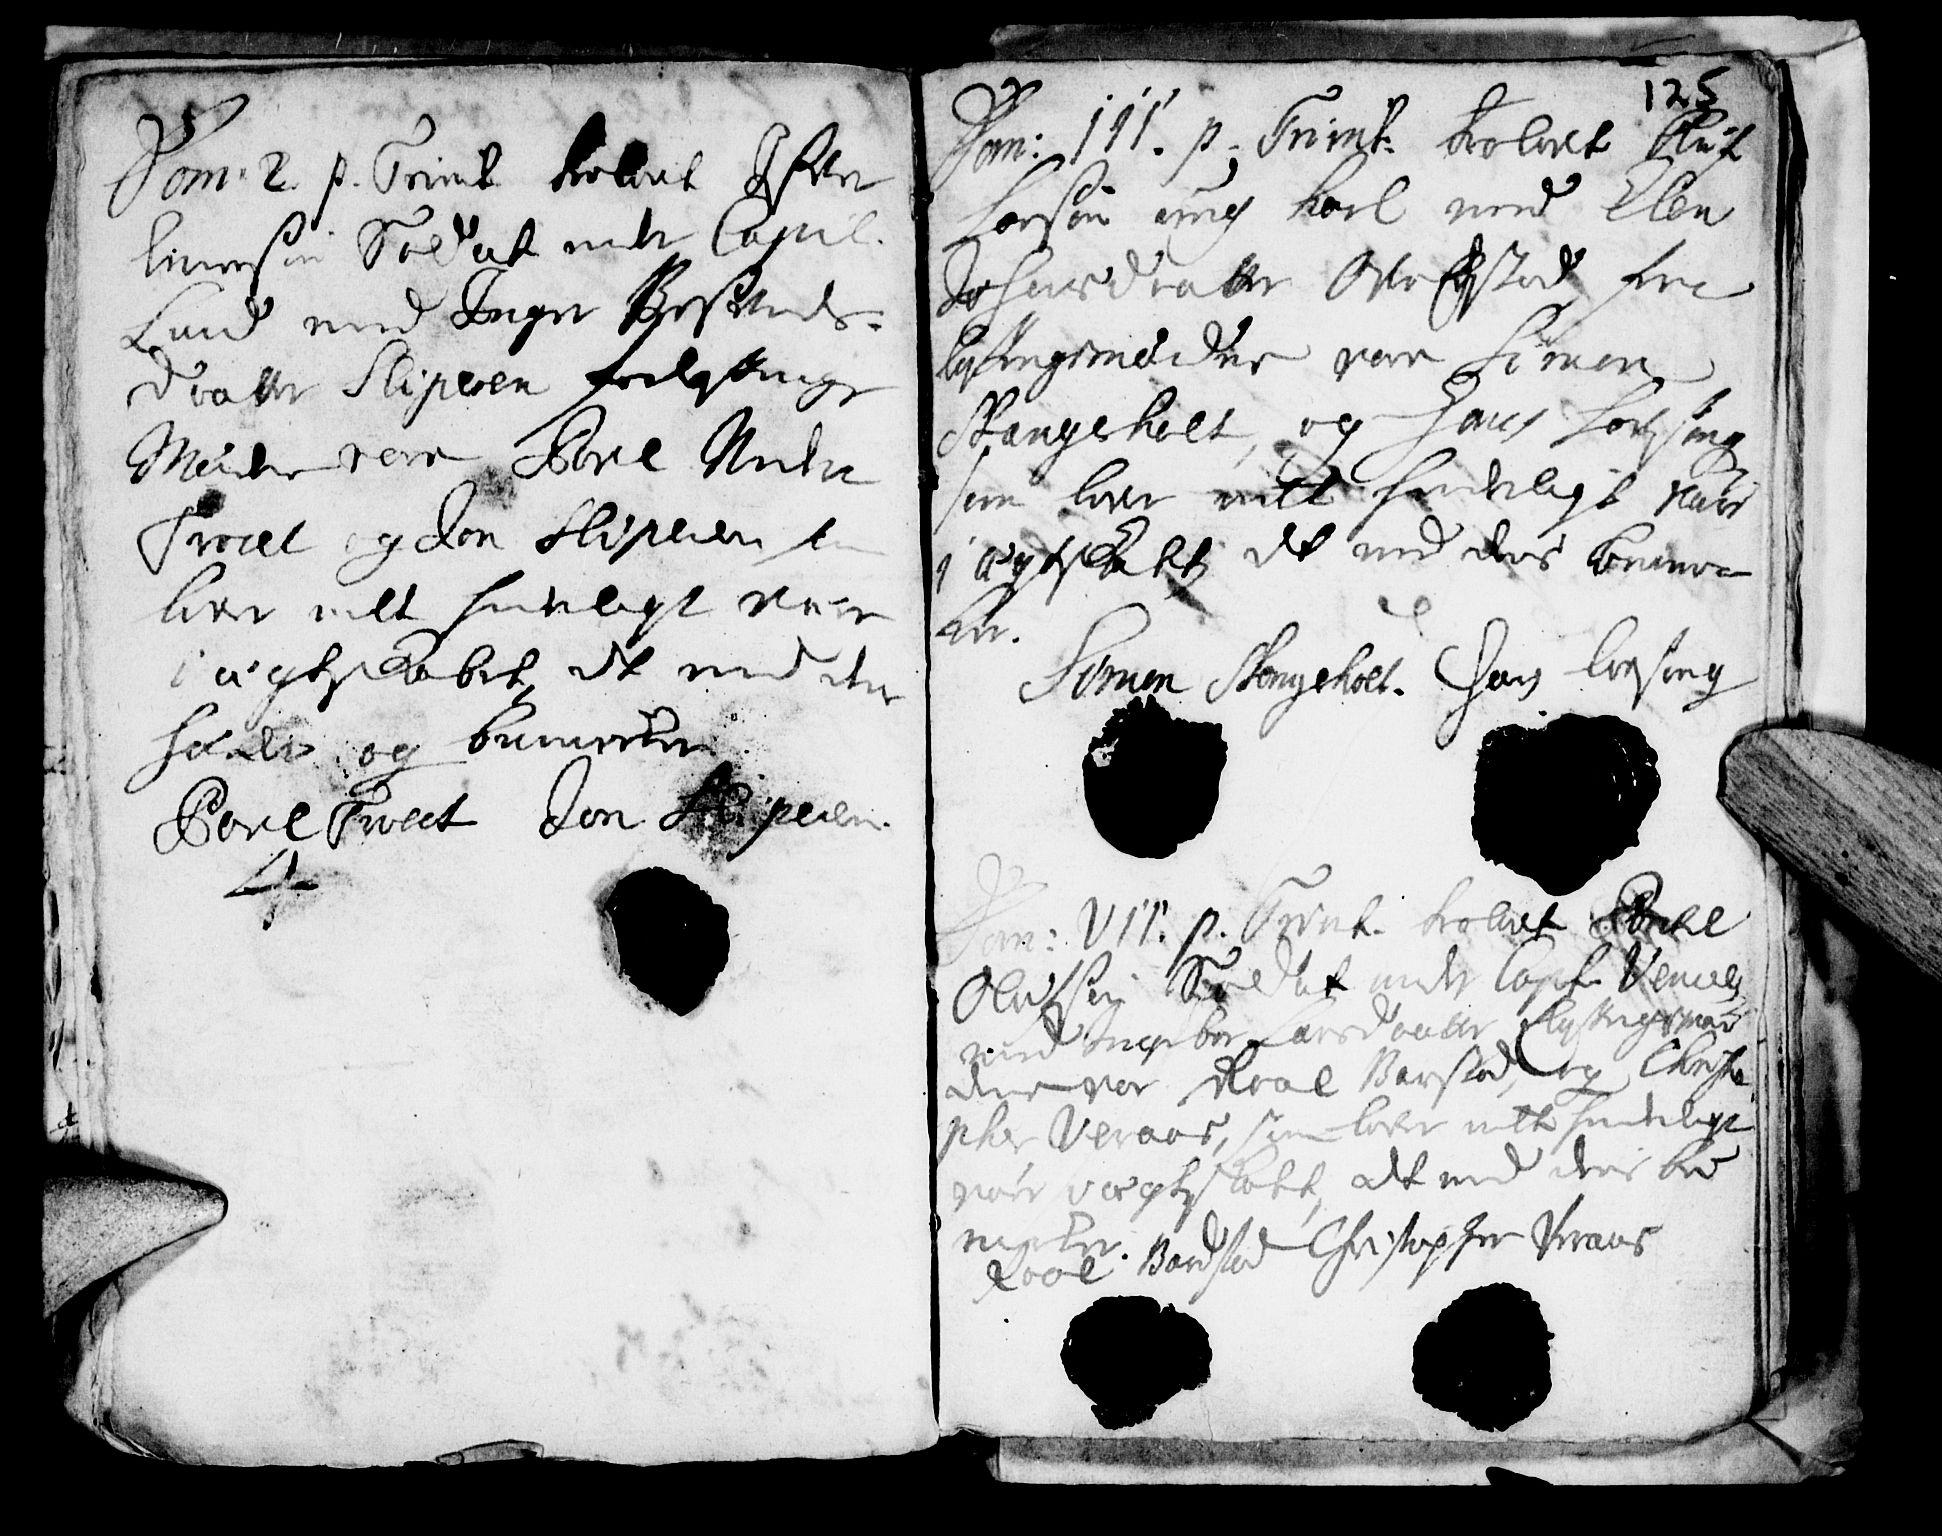 SAT, Ministerialprotokoller, klokkerbøker og fødselsregistre - Nord-Trøndelag, 722/L0214: Ministerialbok nr. 722A01, 1692-1718, s. 125